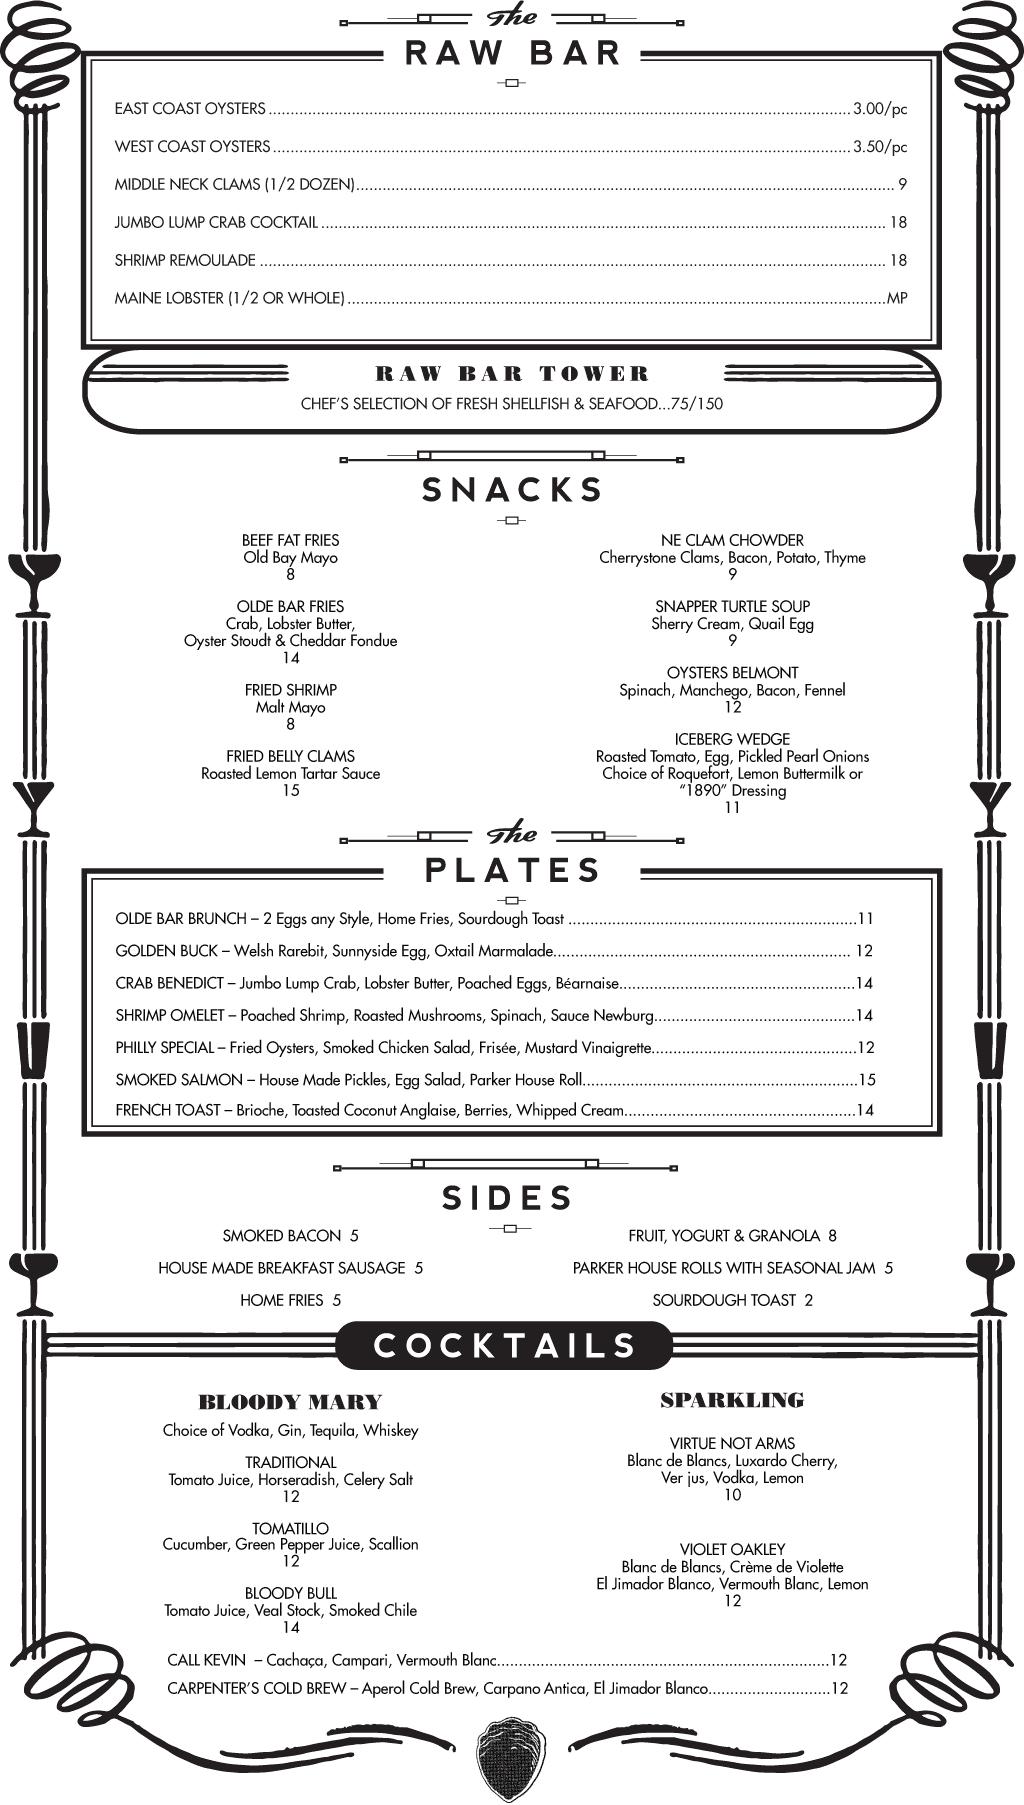 olde-bar-brunch-menu-050815